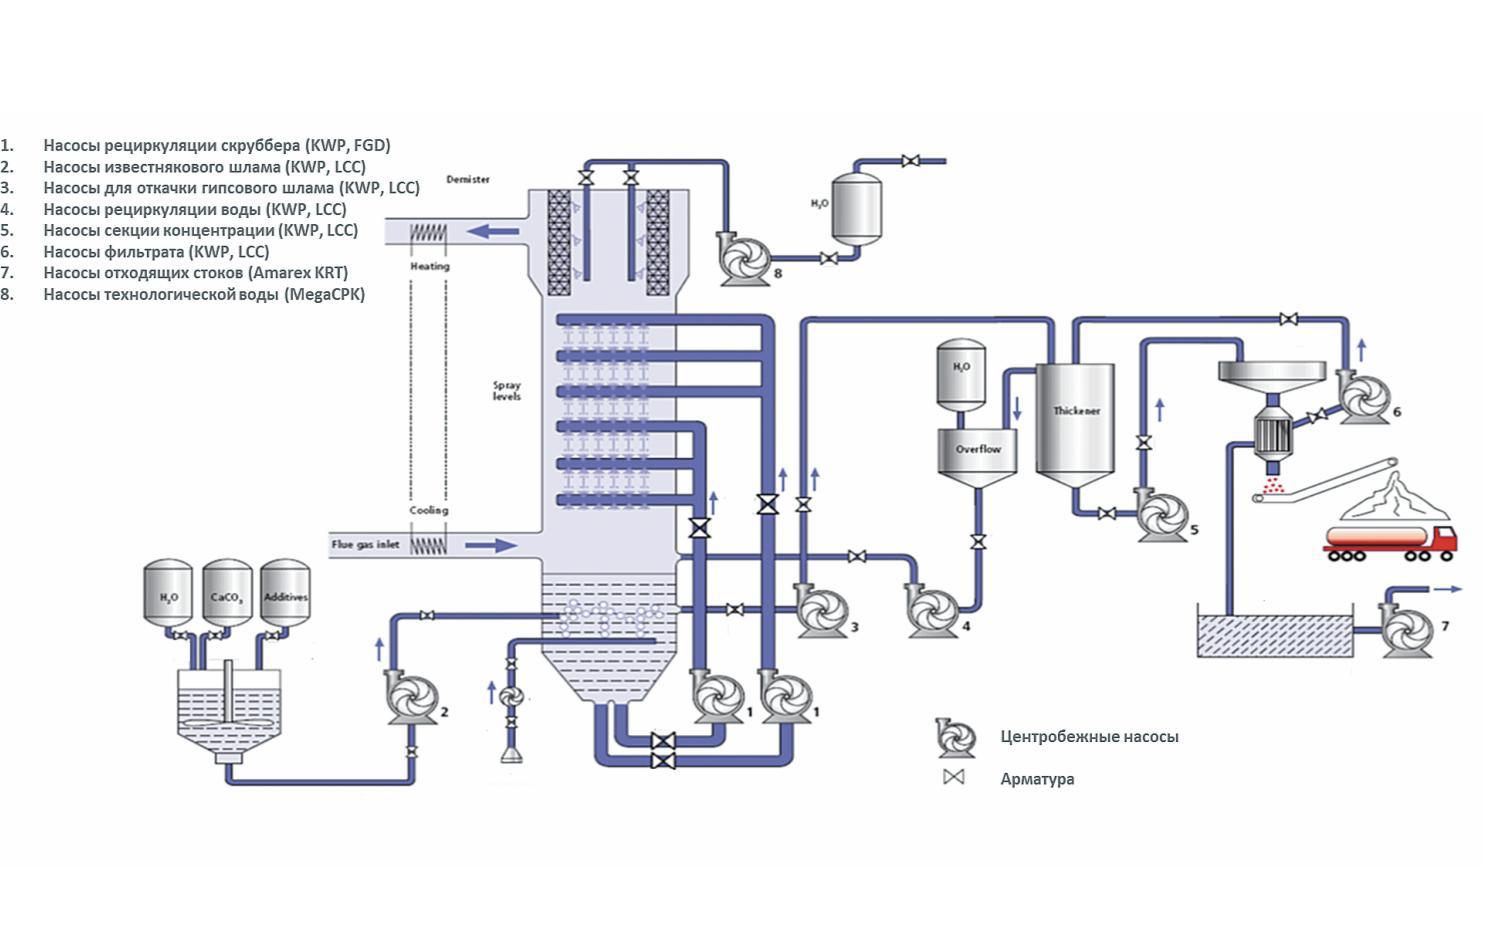 Типовая технологическая схема сероочистки дымовых газов